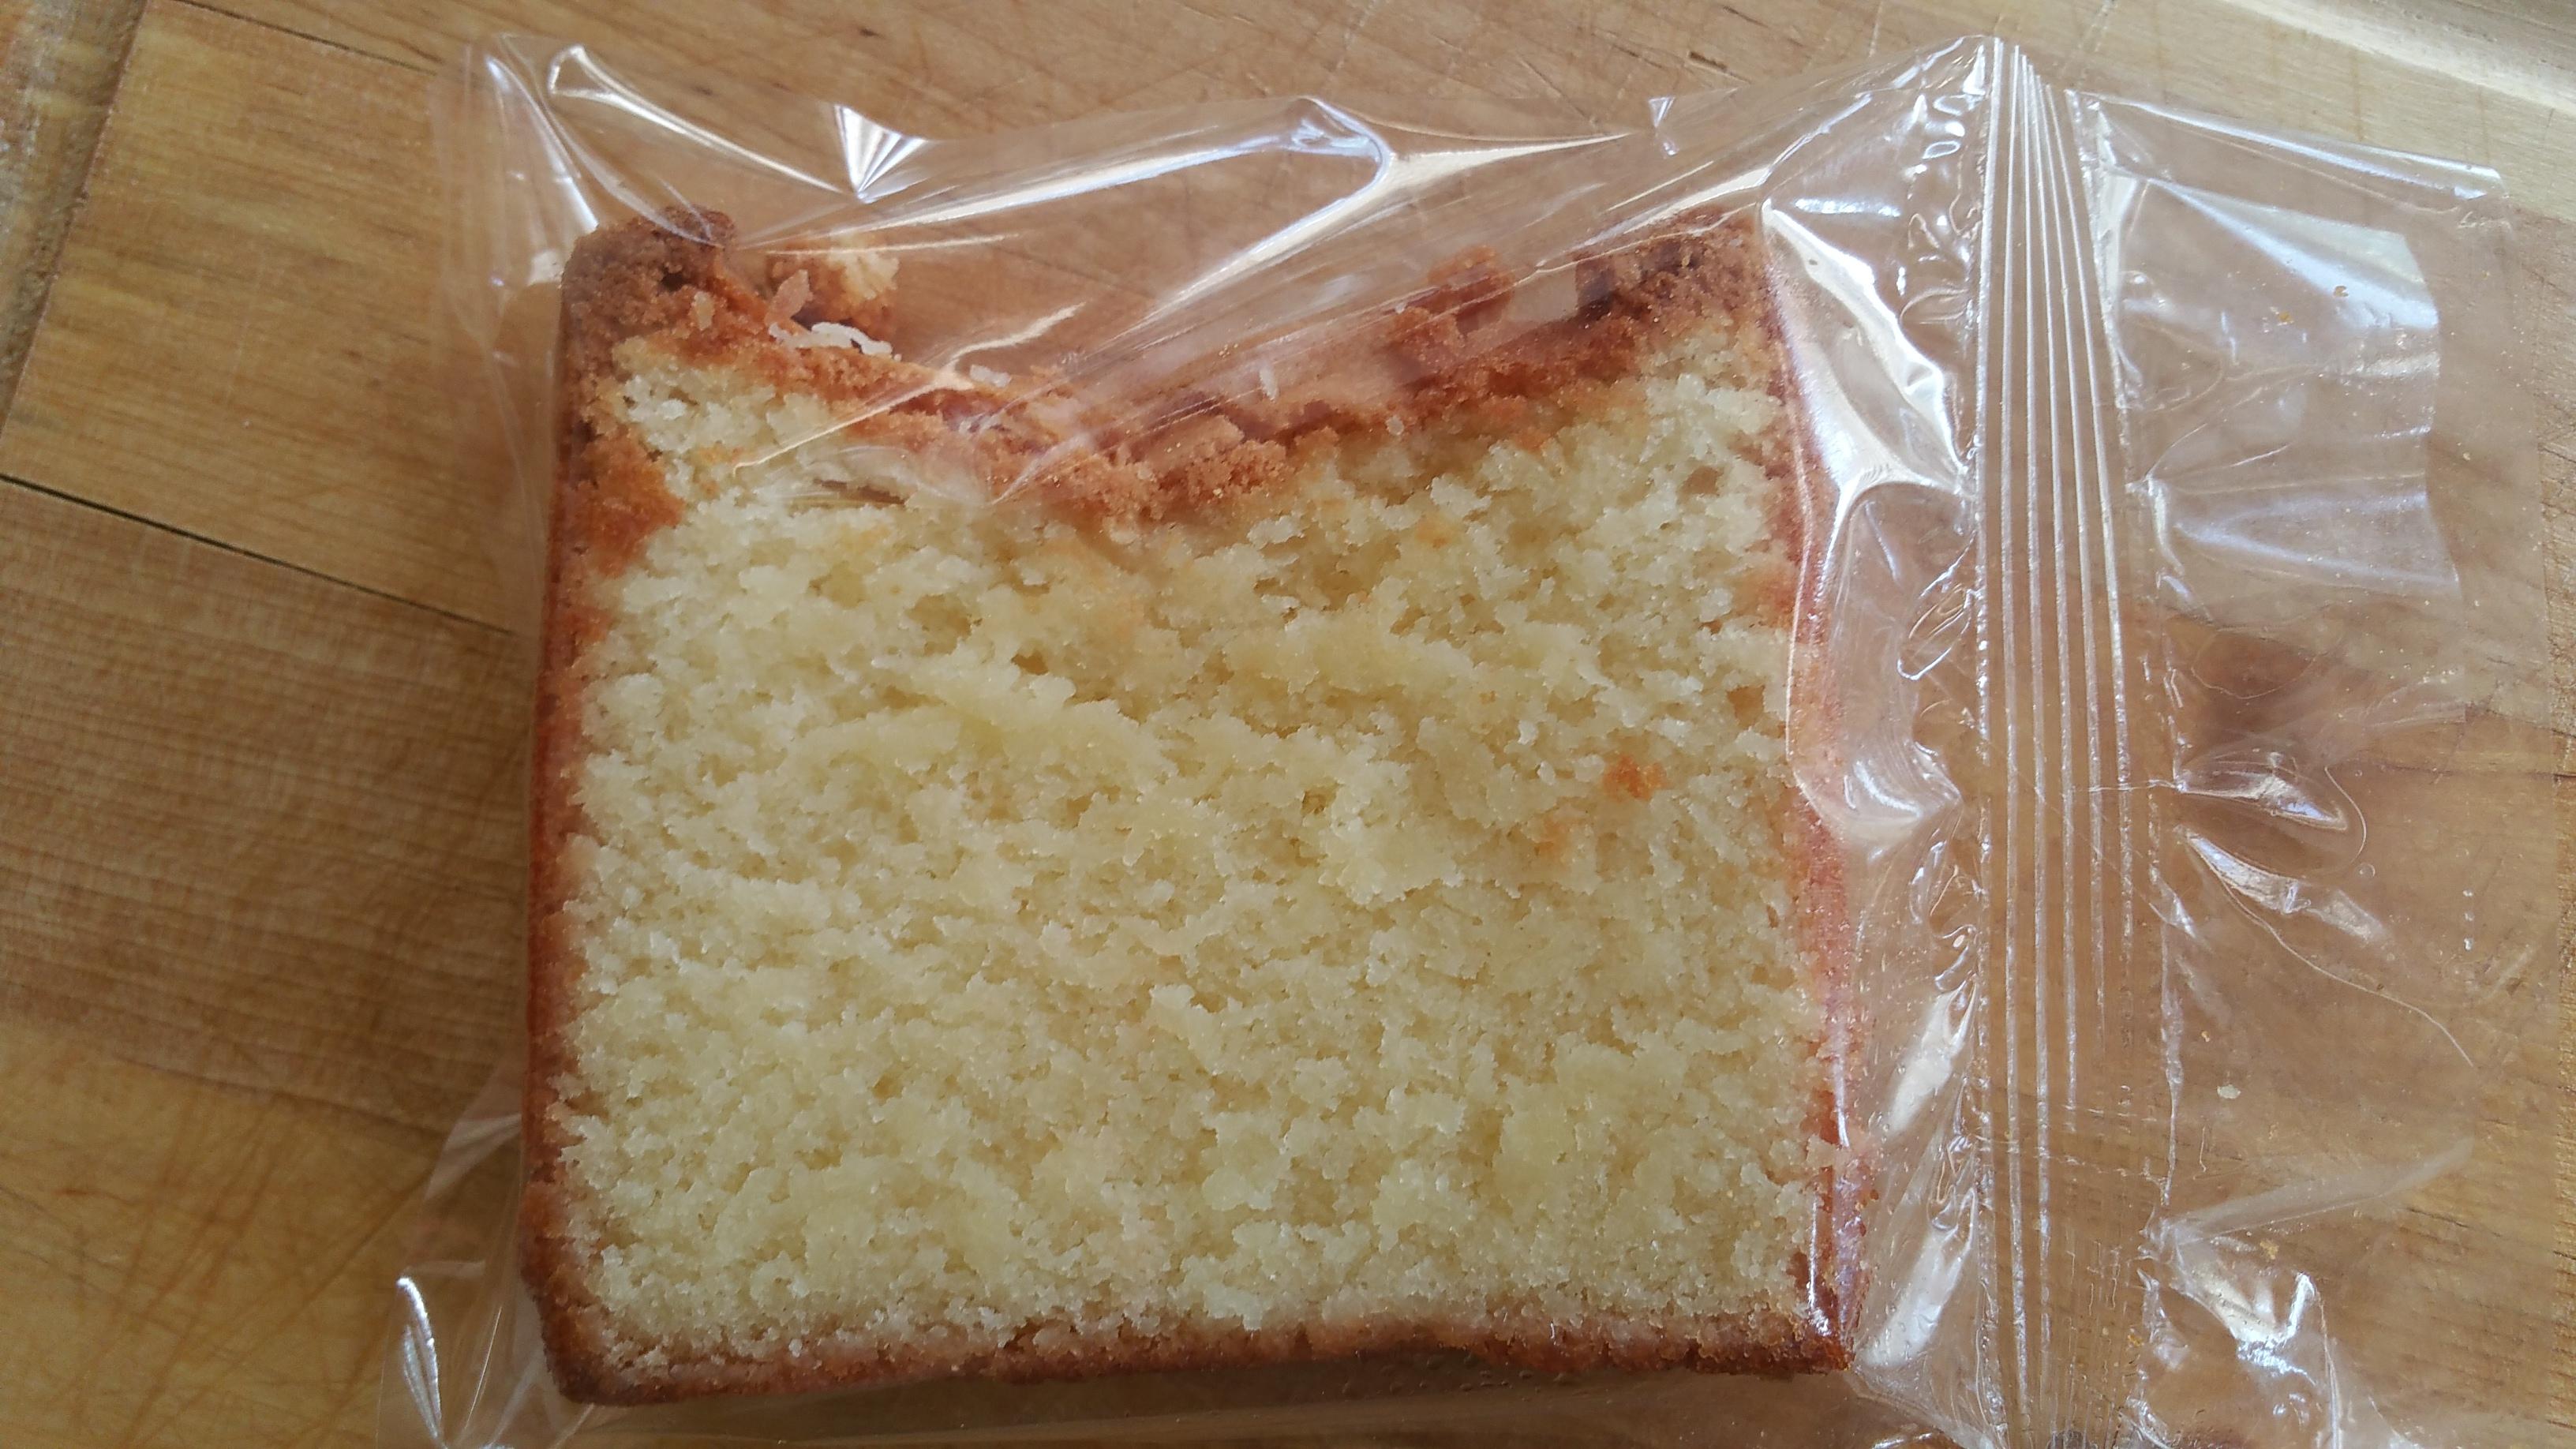 Gluten-free slice